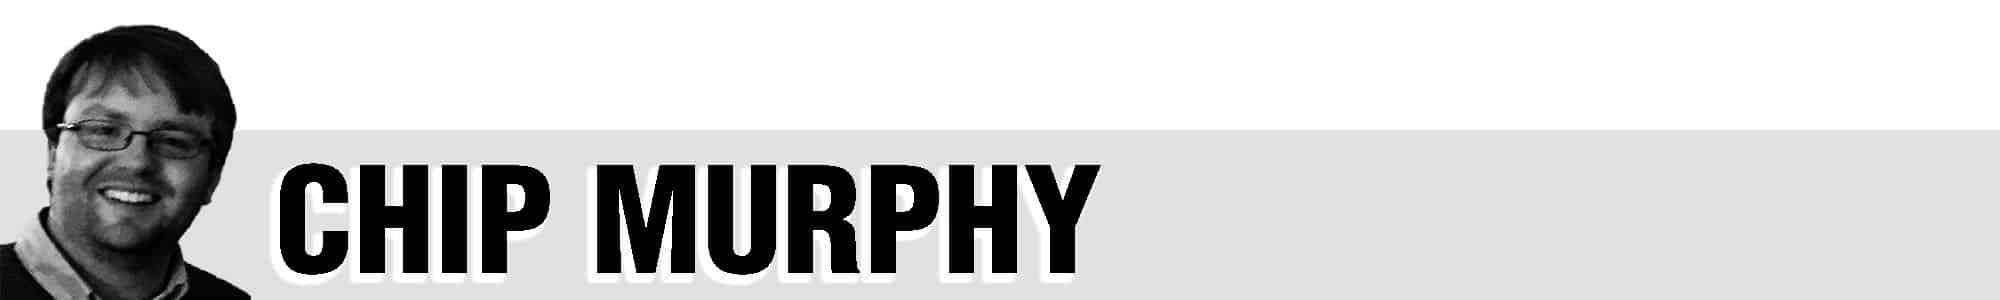 Chip Murphy